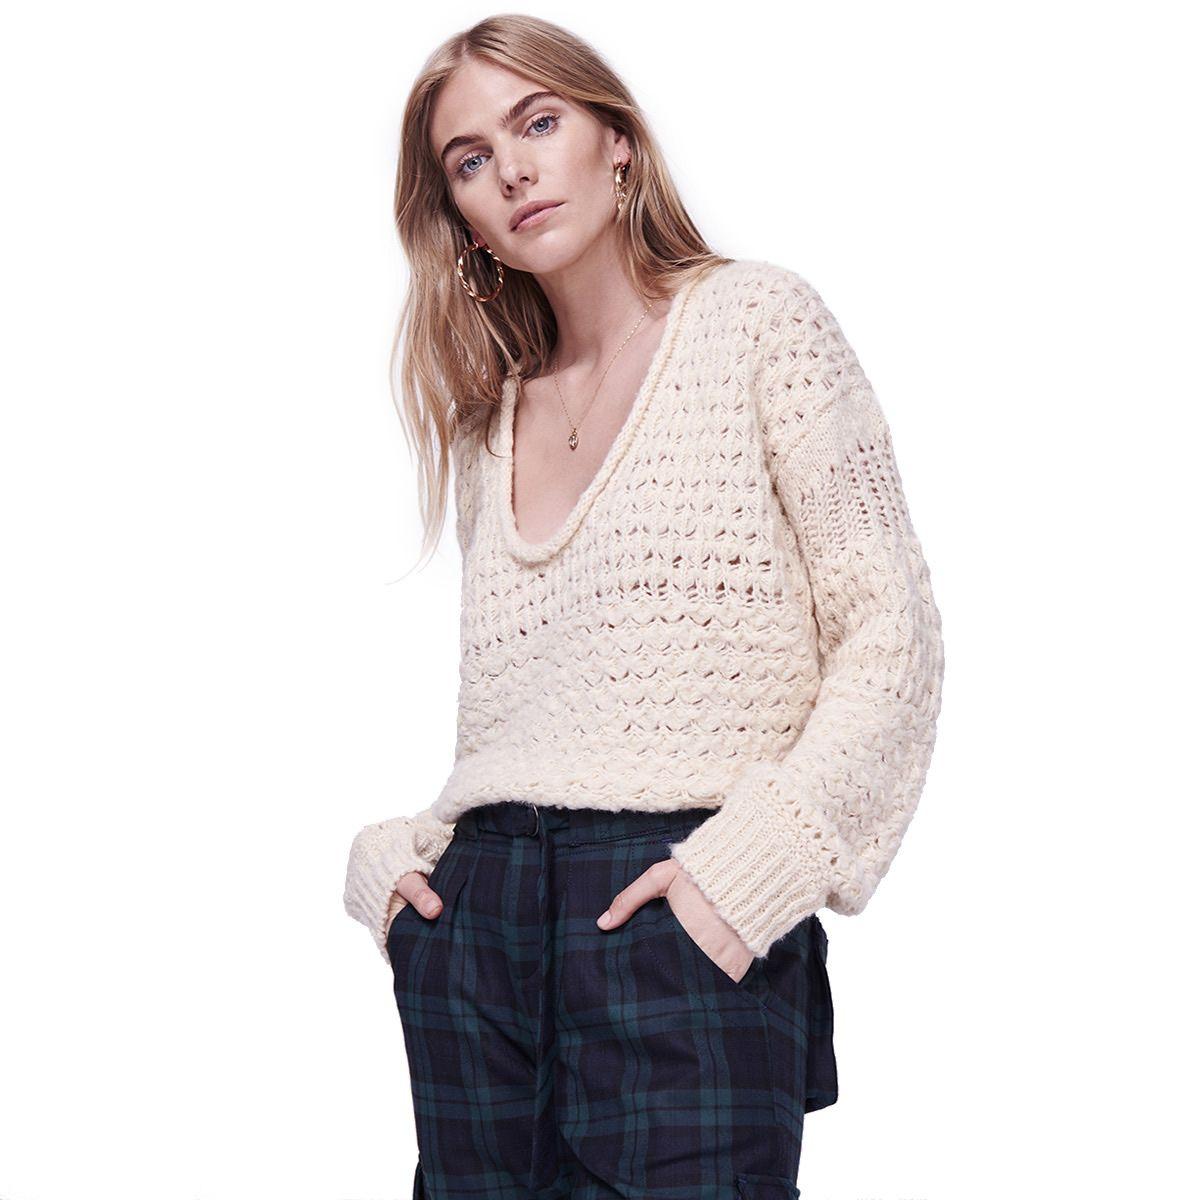 359998fdf2c3 Free People Women s Sweaters - Macy s